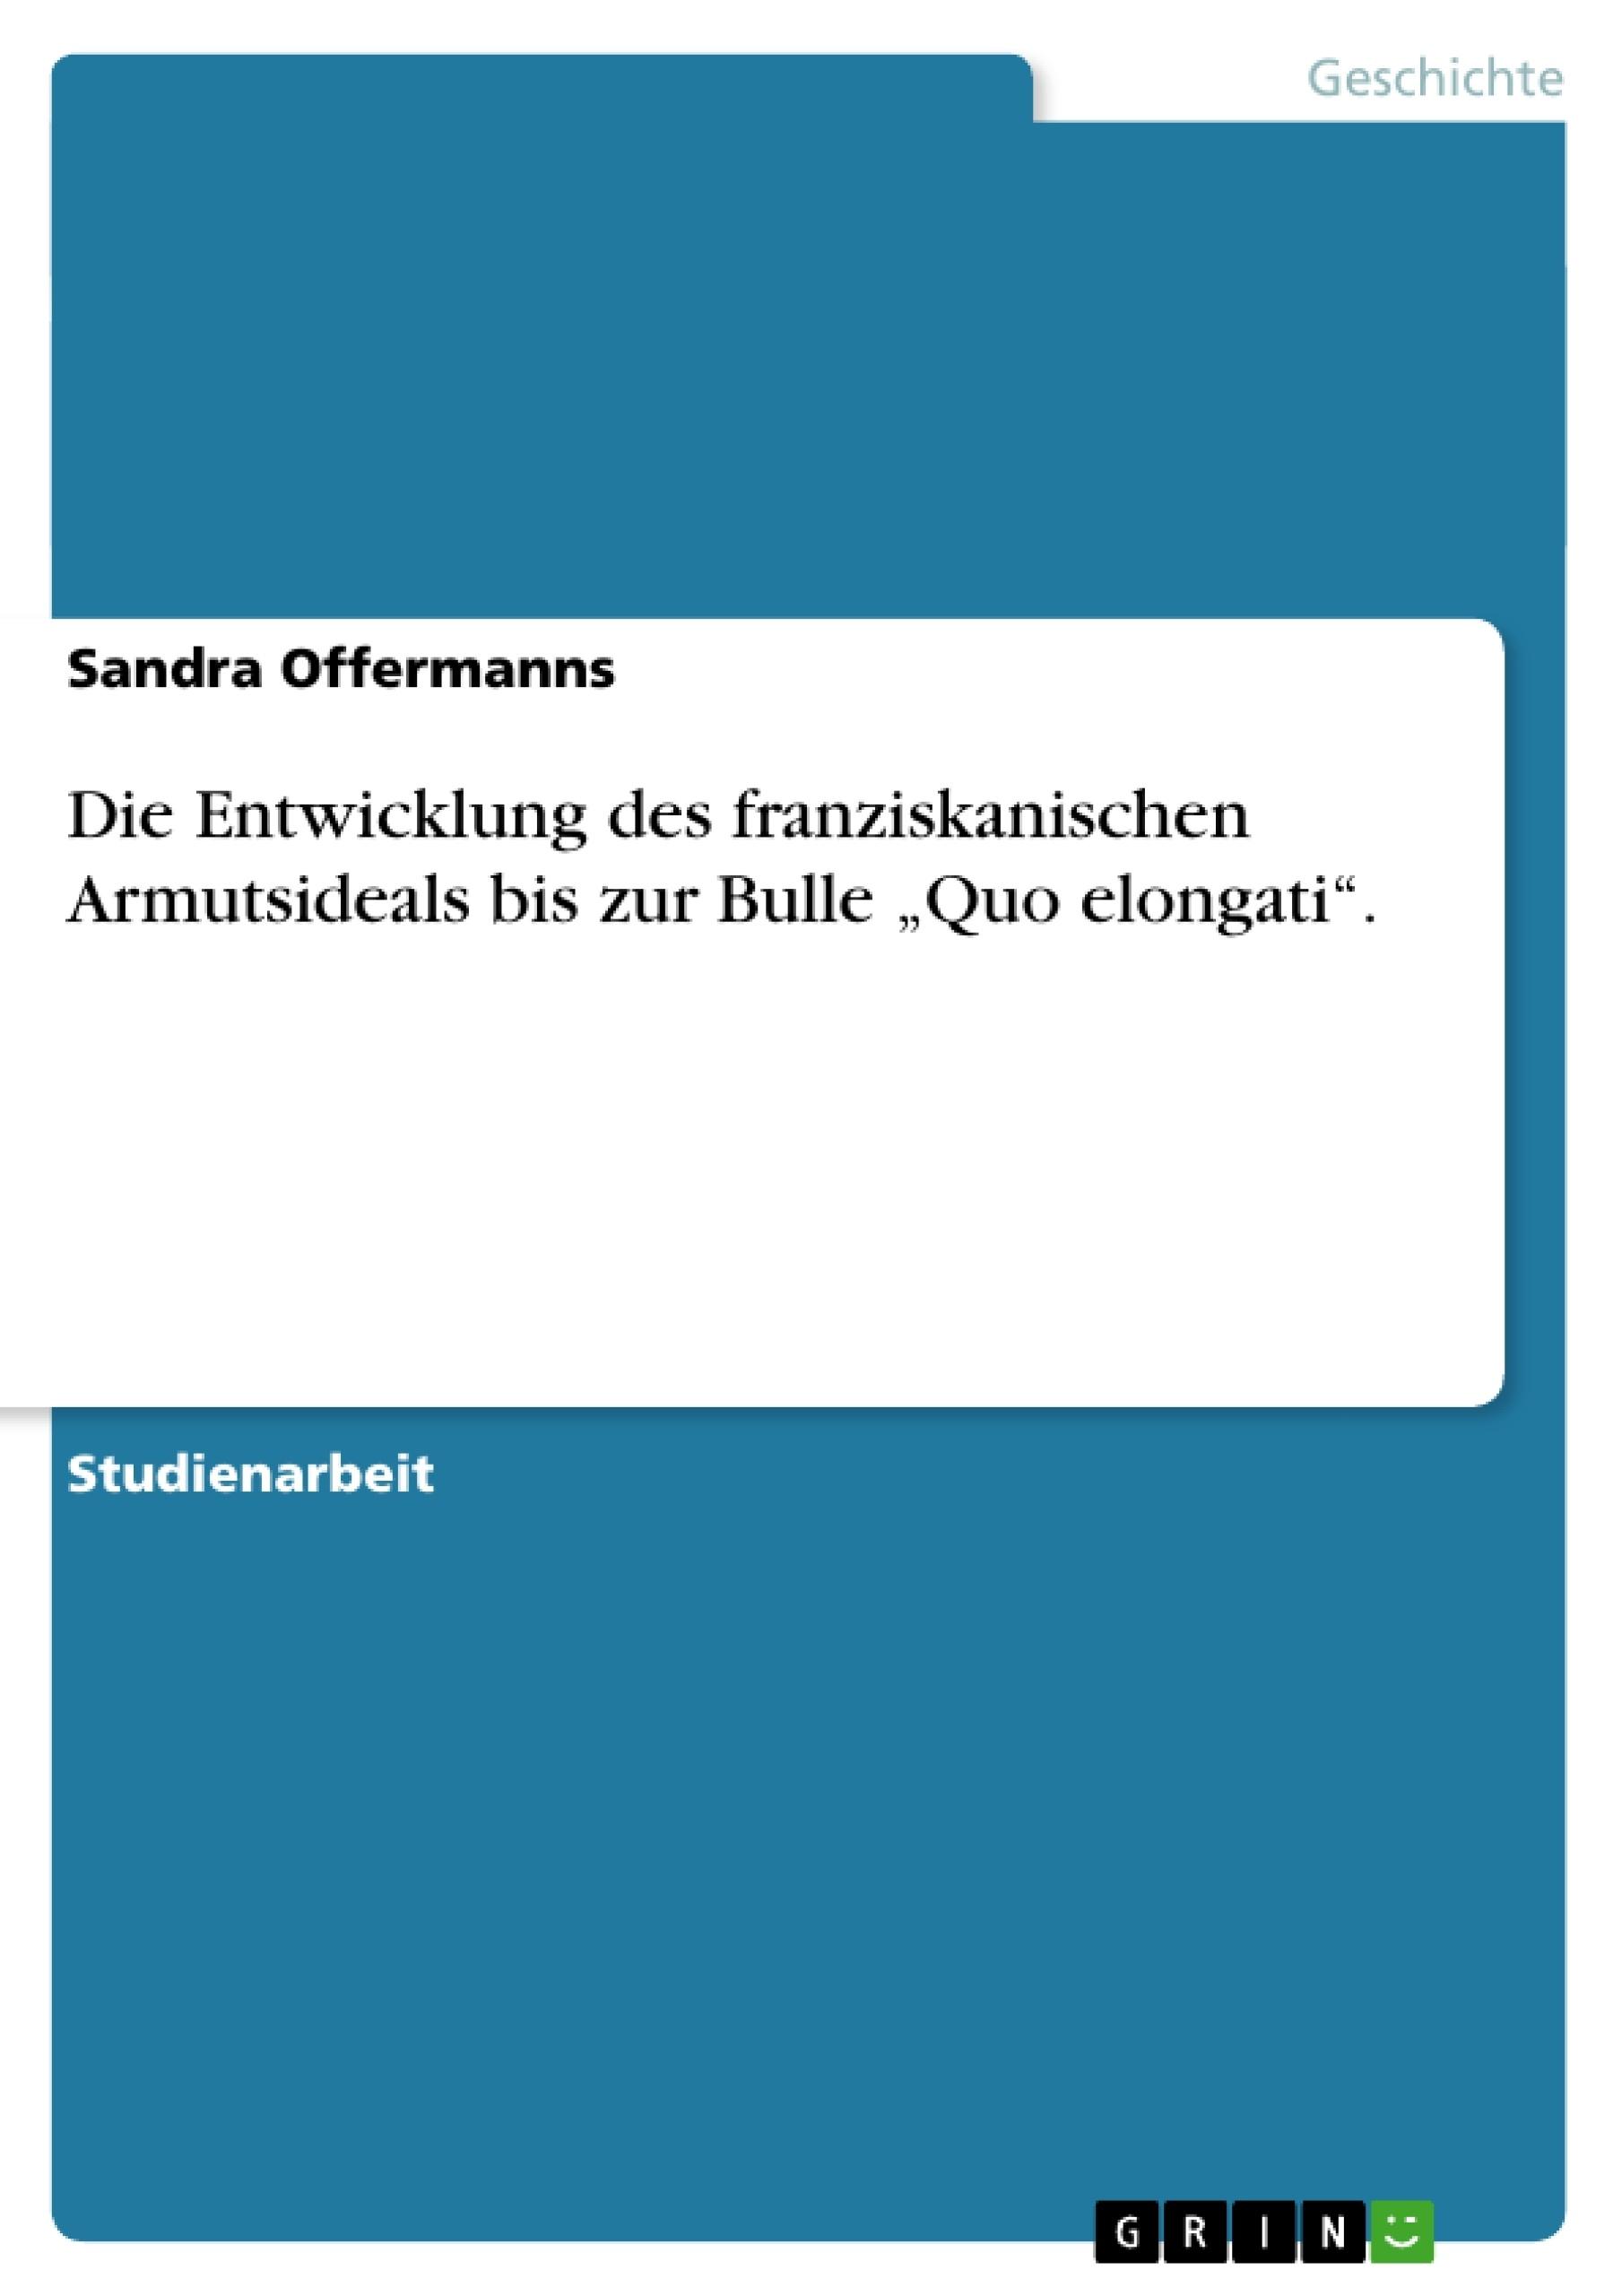 """Titel: Die Entwicklung des franziskanischen Armutsideals bis zur Bulle """"Quo elongati""""."""